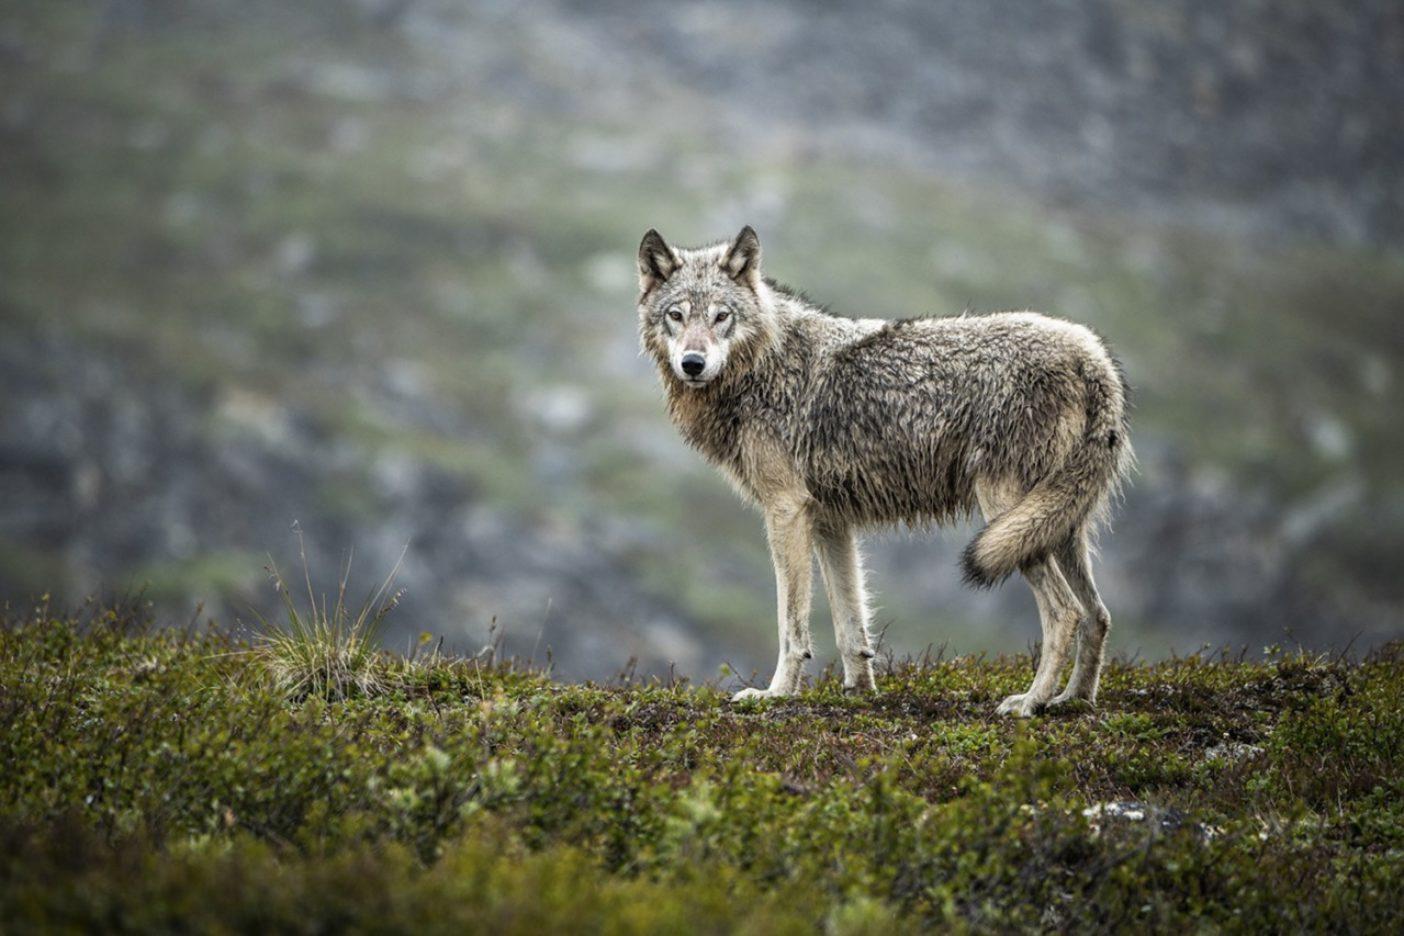 一行は、ジェイゴ・リバーの谷の涸れ沢に降り、刺すような風を避けて昼食をとった。しゃがみこんでいると、トミーが上を見て、静かに言った。「ほう、オオカミがいる。」みな振り向いた。3メートルも離れていないところから、見事なオオカミが穏やかに興味深げに私たちを見ていた。オオカミは数歩後ずさりし、数分間こちらをにらみ返し、走り去って行った。近寄れば口先に赤い血痕が見えただろう。想像するに一足先に彼もここで昼食をとっていたようだ。Photo:Austin Siadak